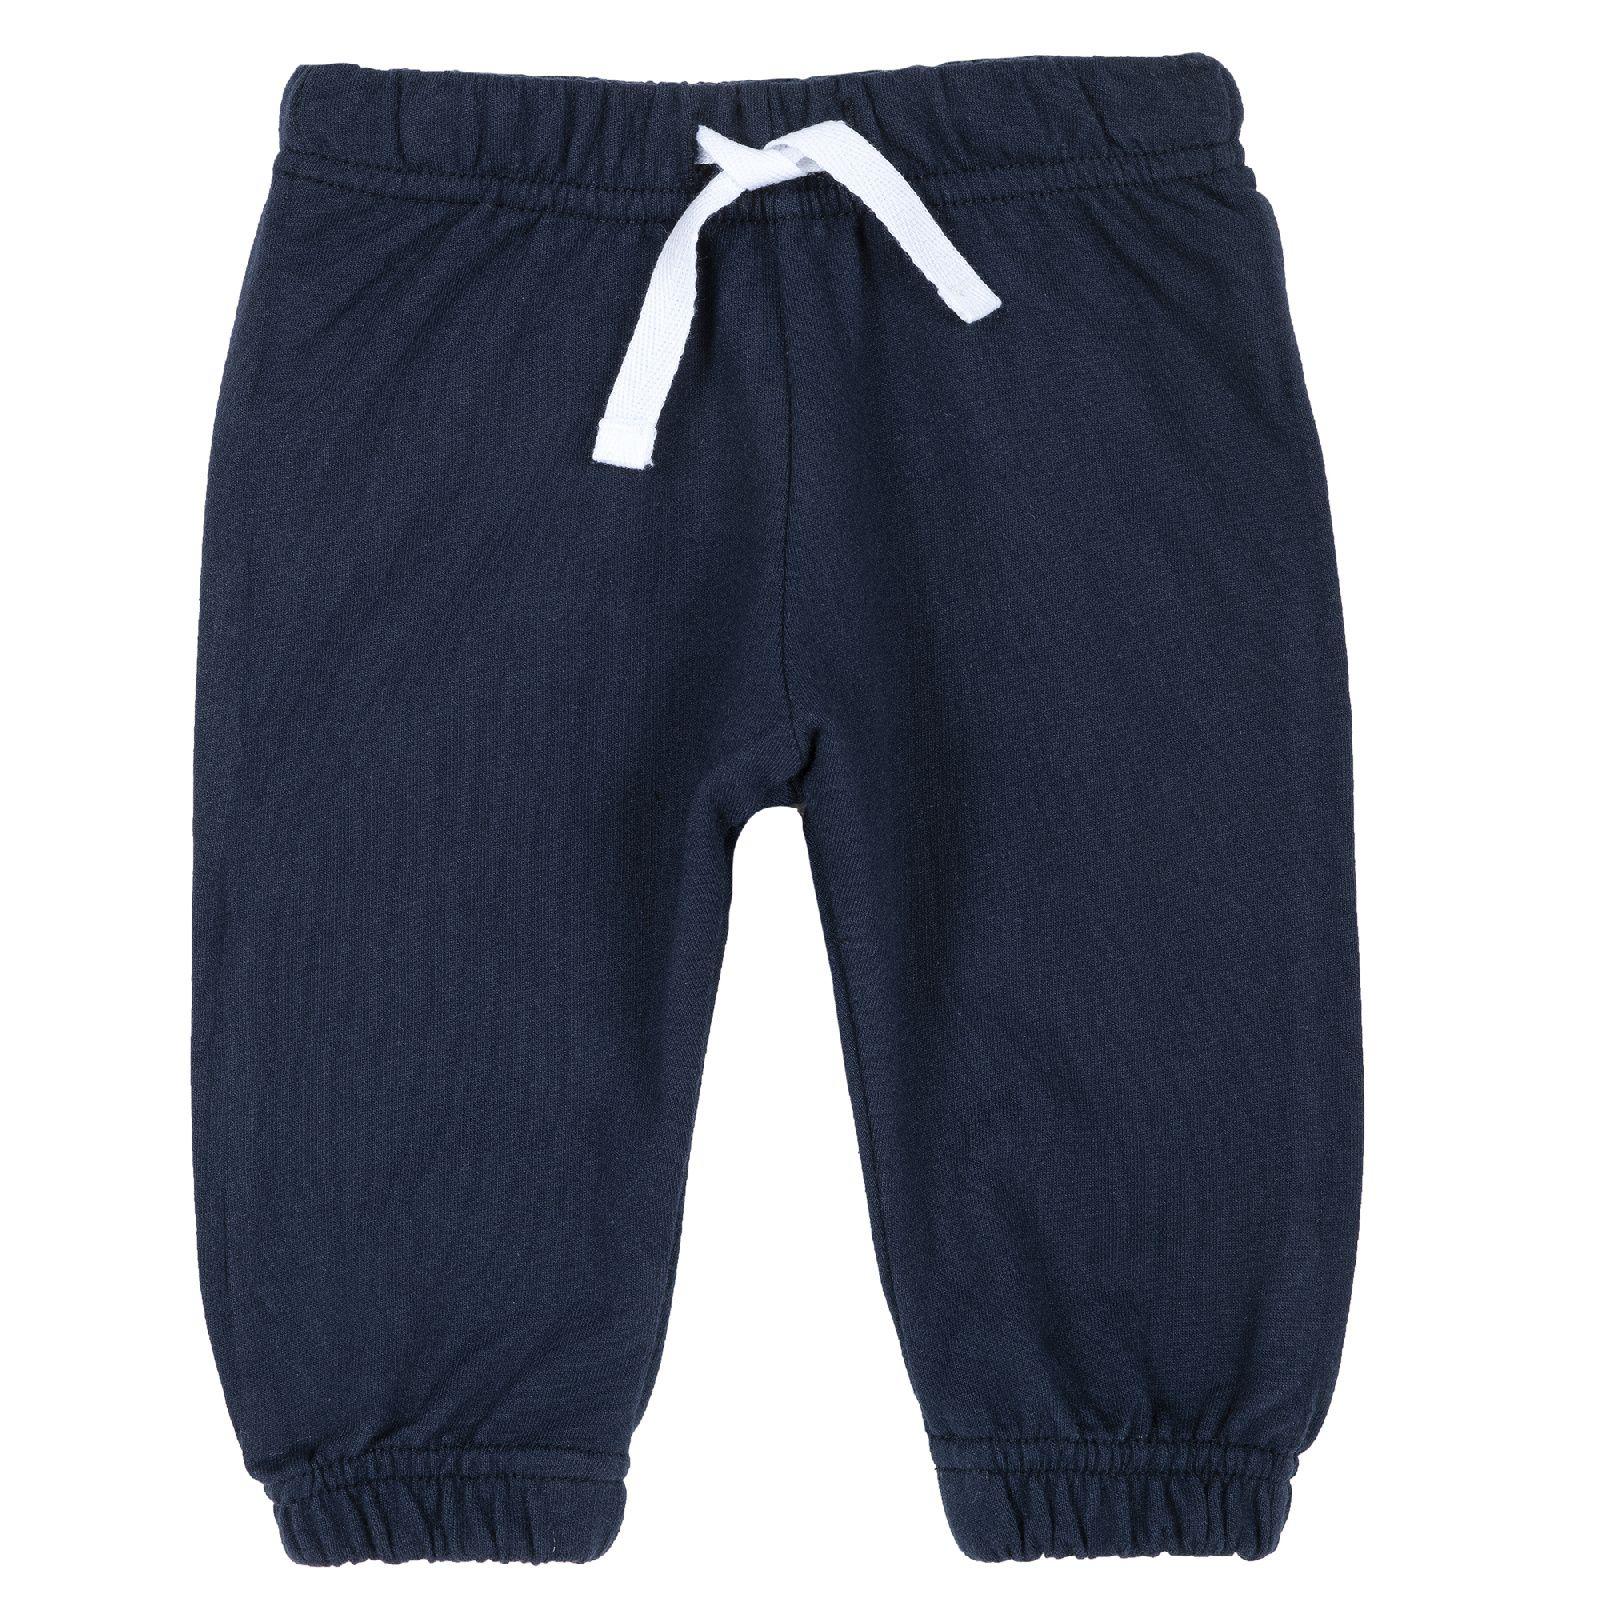 Купить 9008132, Брюки для мальчиков Chicco с белым шнурком, цвет темно-синий, размер 74, Детские брюки и шорты